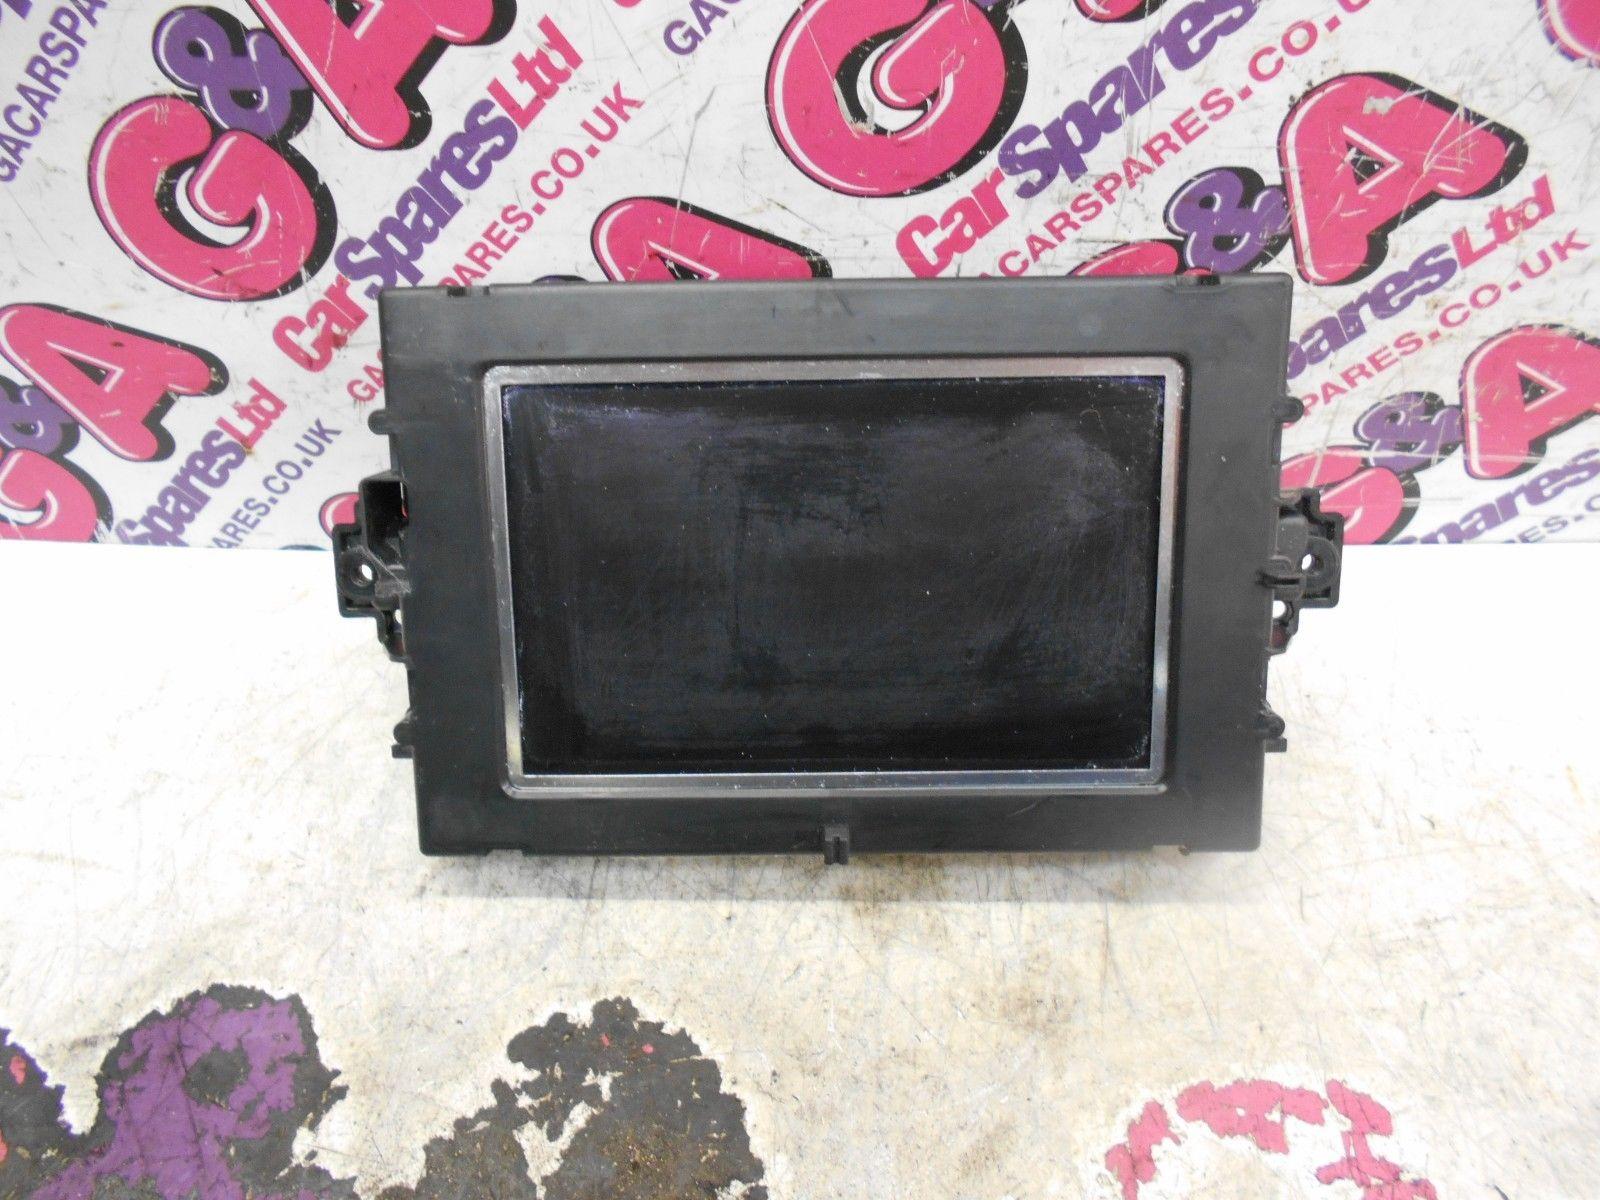 mercedes w204 c class coupe sat nav navigation monitor screen 11